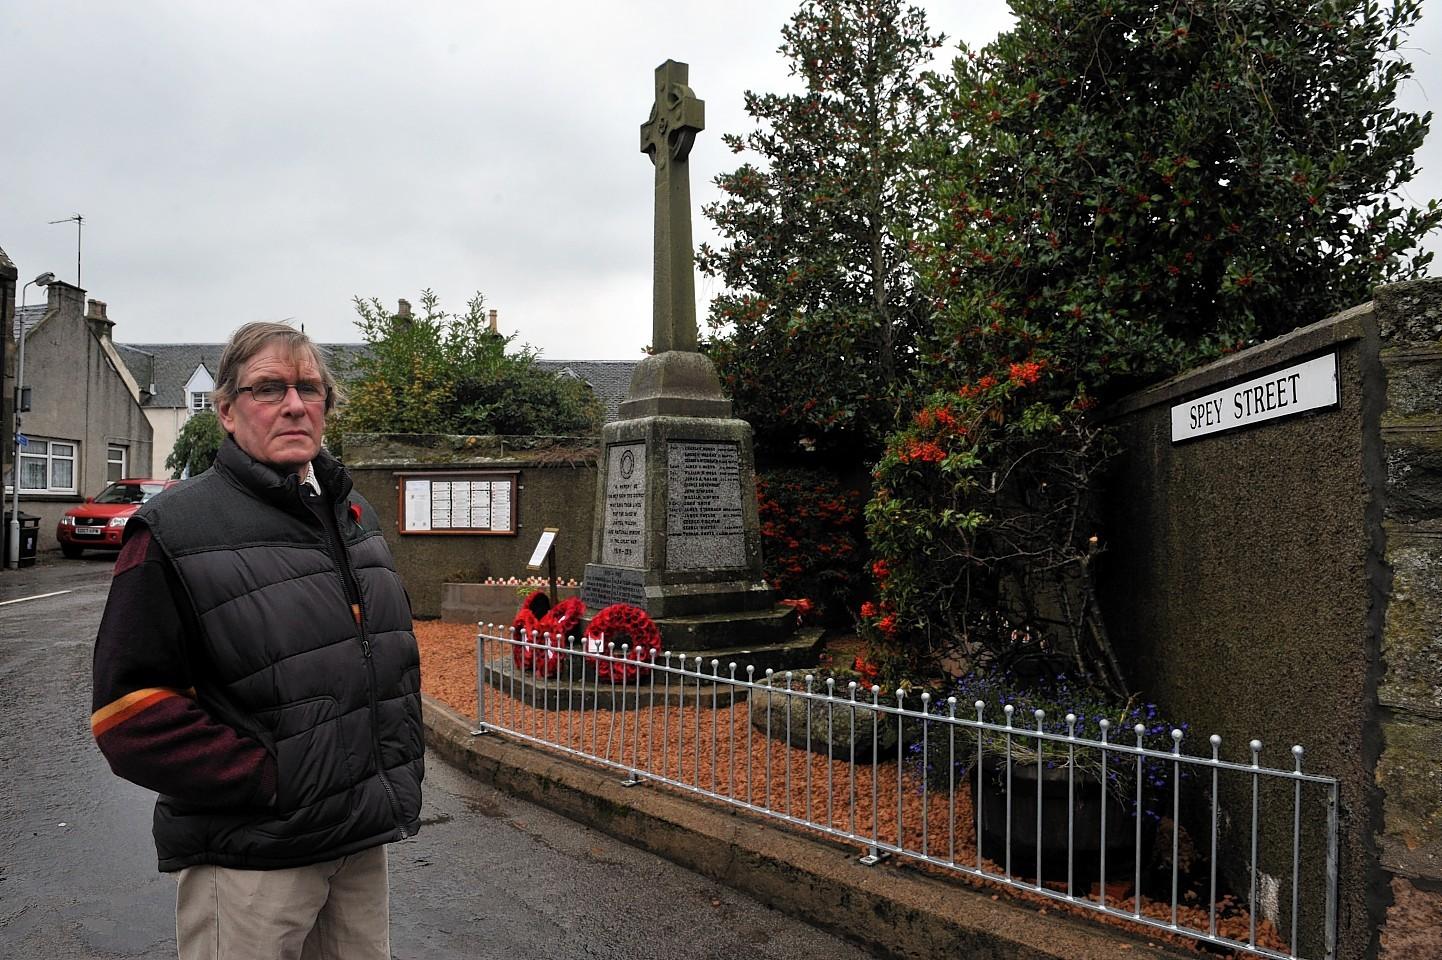 Garmouth war memorial